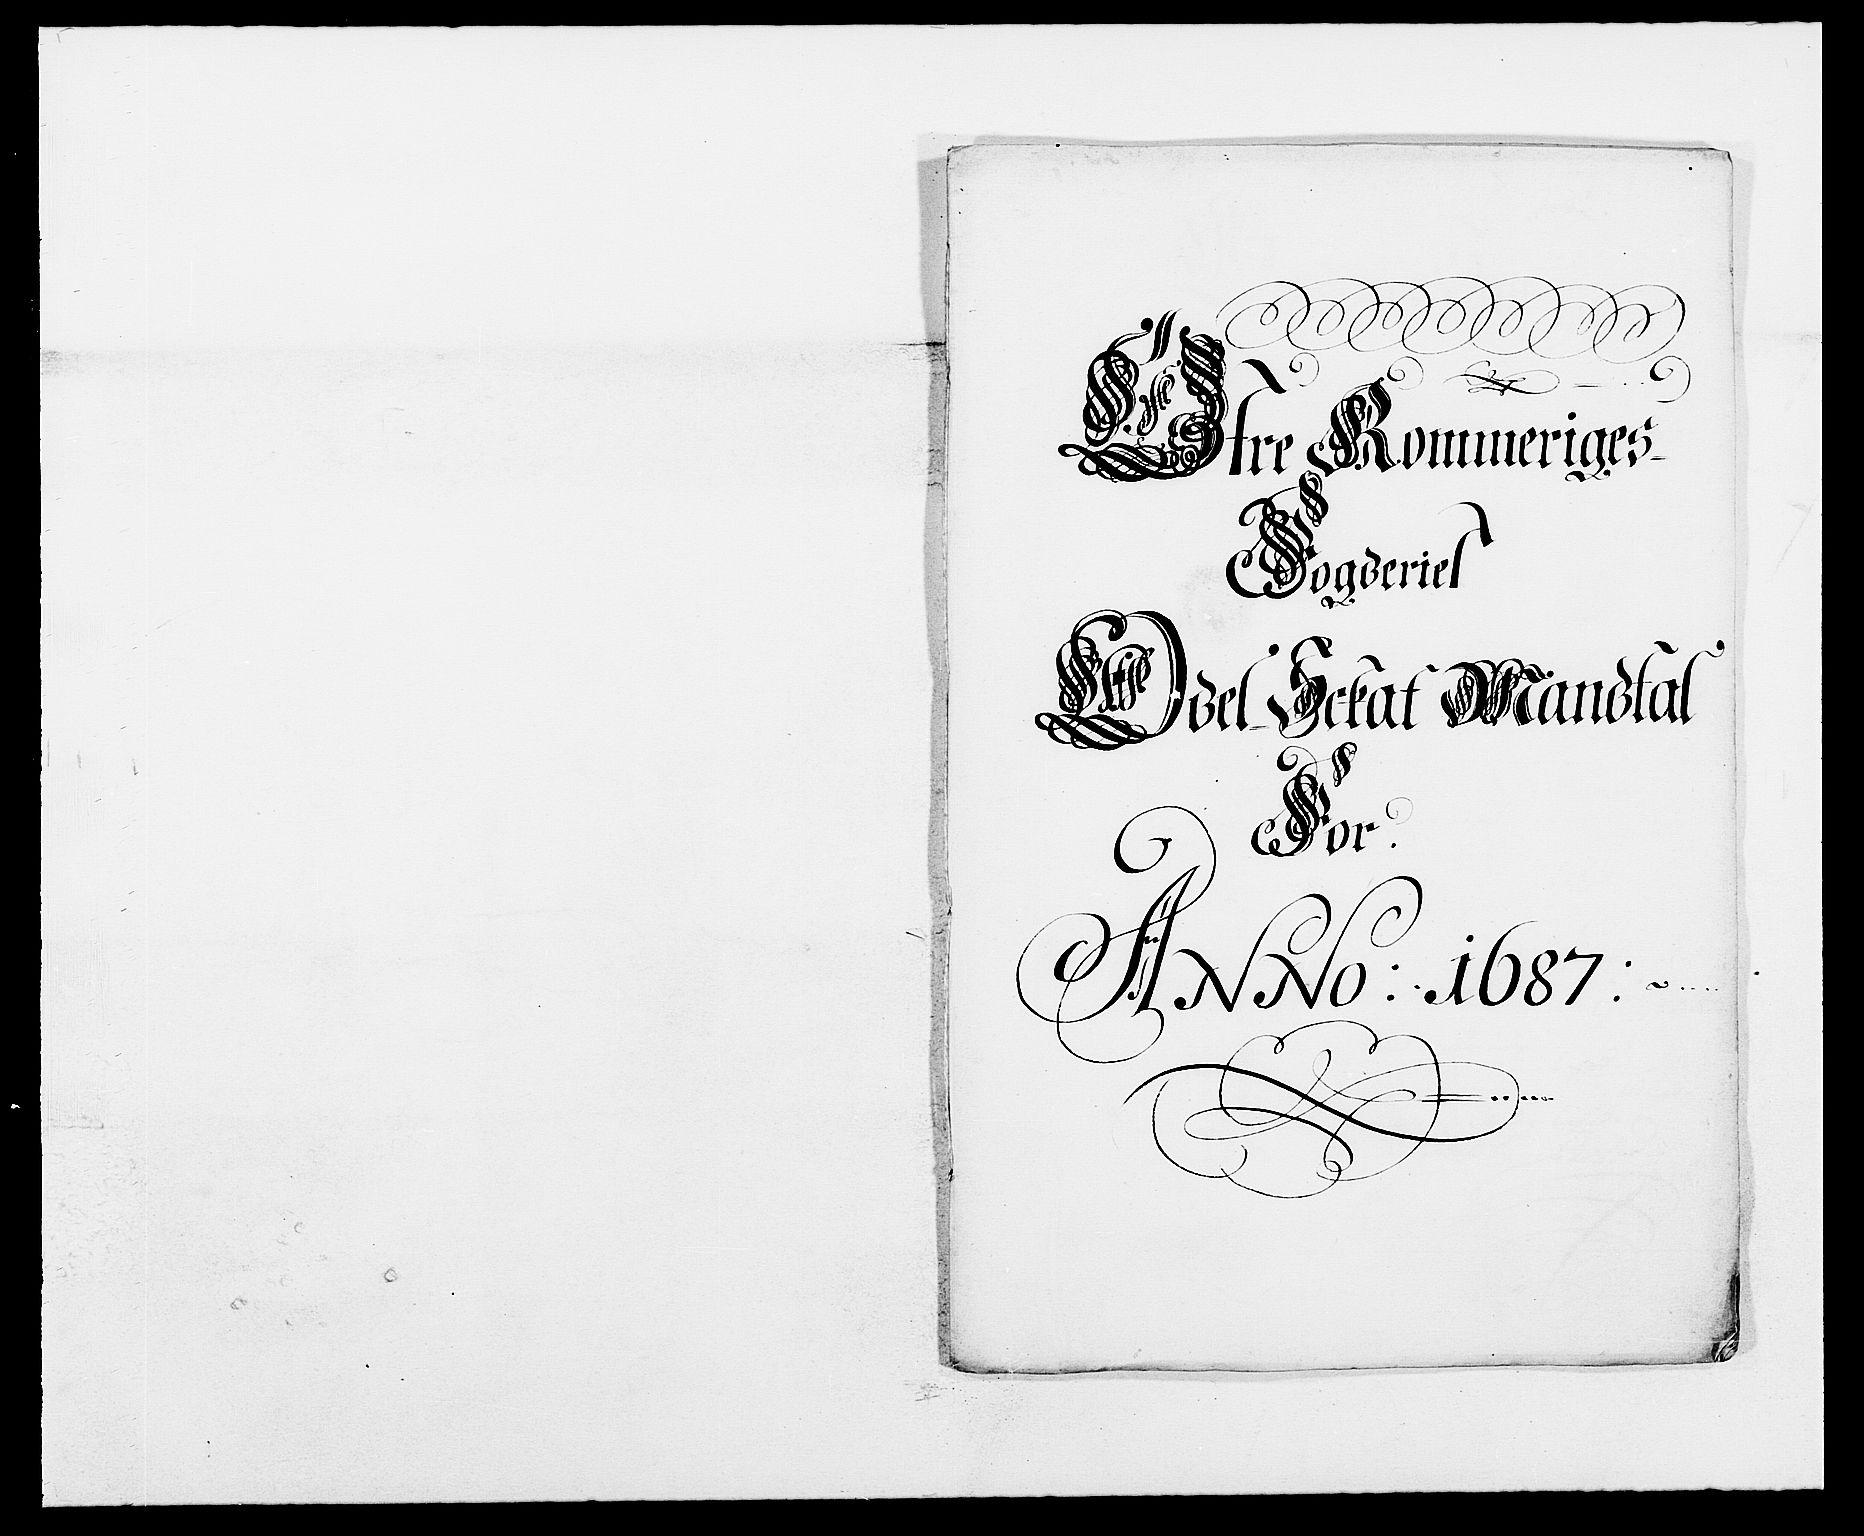 RA, Rentekammeret inntil 1814, Reviderte regnskaper, Fogderegnskap, R12/L0700: Fogderegnskap Øvre Romerike, 1687-1688, s. 132